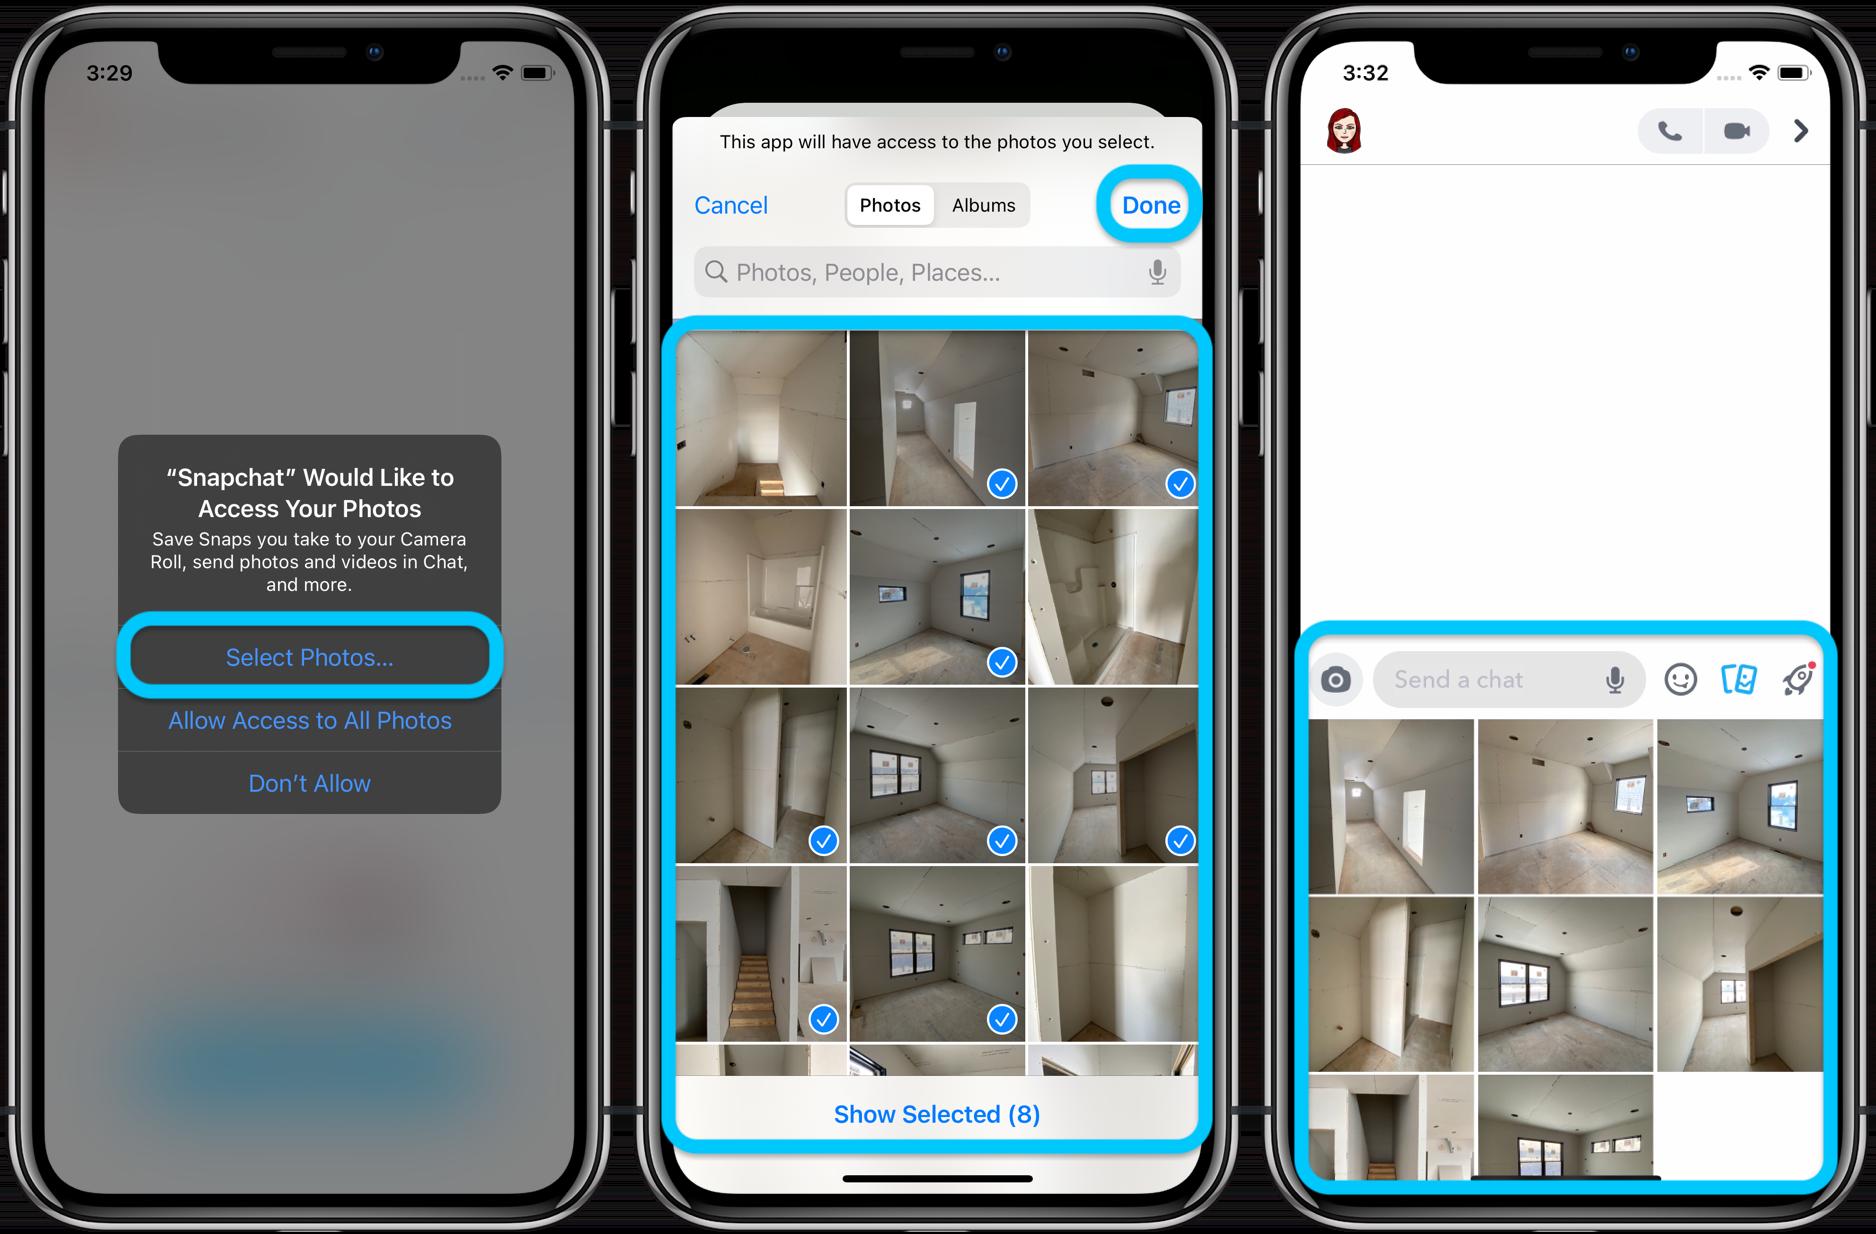 Ограничить сторонний доступ к приложению iPhone Фото в пошаговом руководстве iOS 14 1